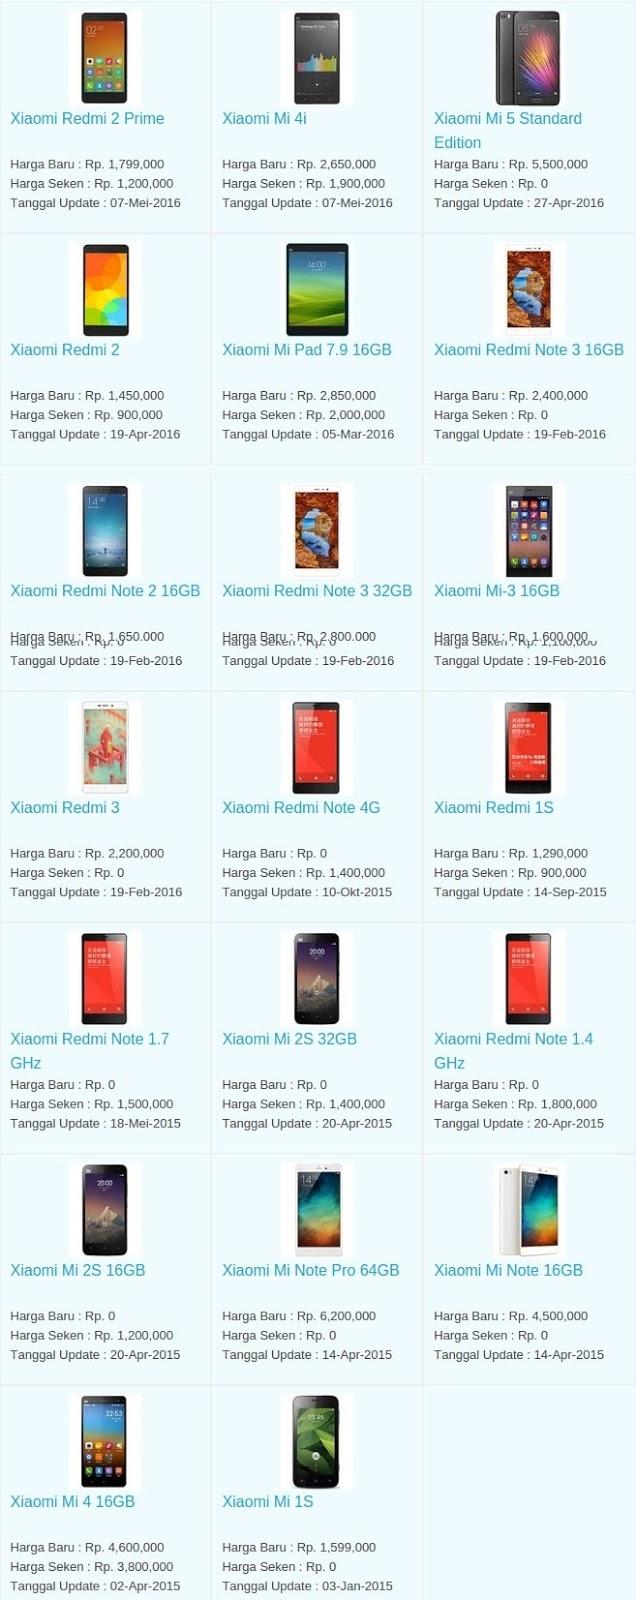 Daftar Harga Hp Terbaru Xiaomi Juni 2016